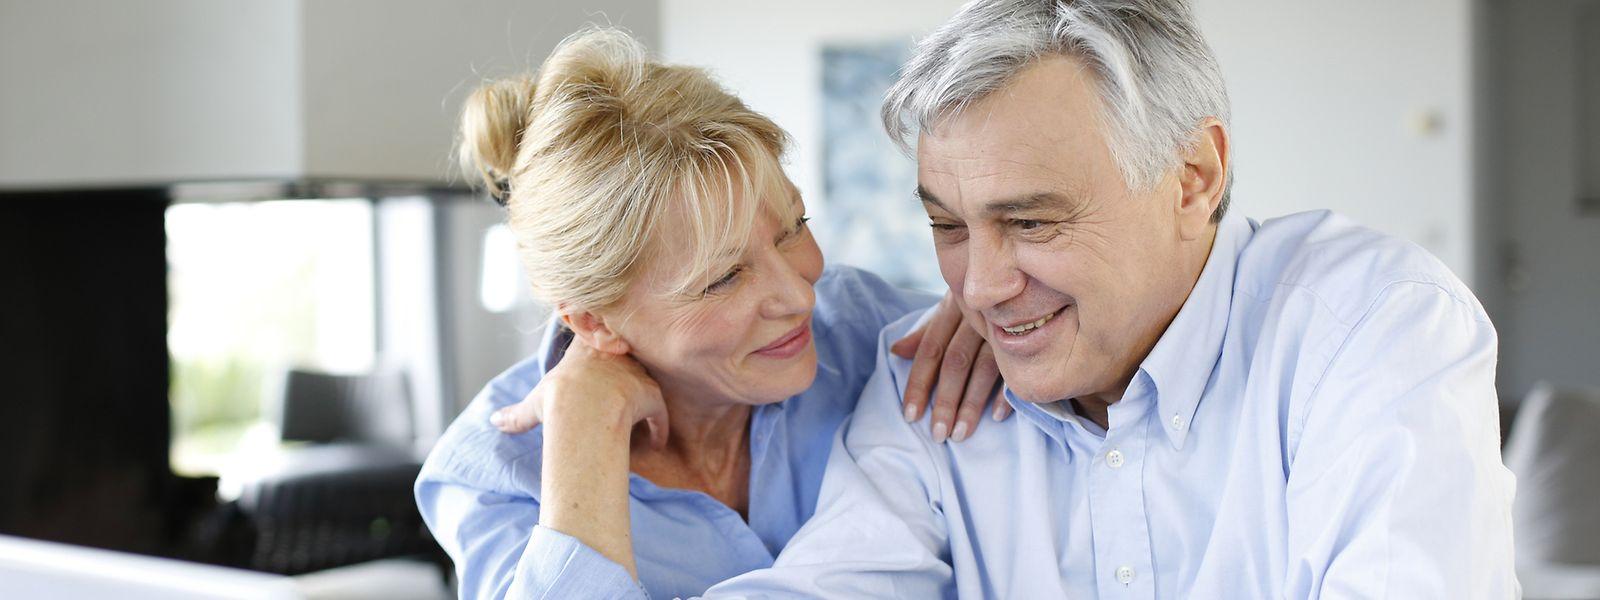 La pandémie de covid-19 n'affectera pas les pensions qui augmenteront de 1,3% au 1er janvier 2021.